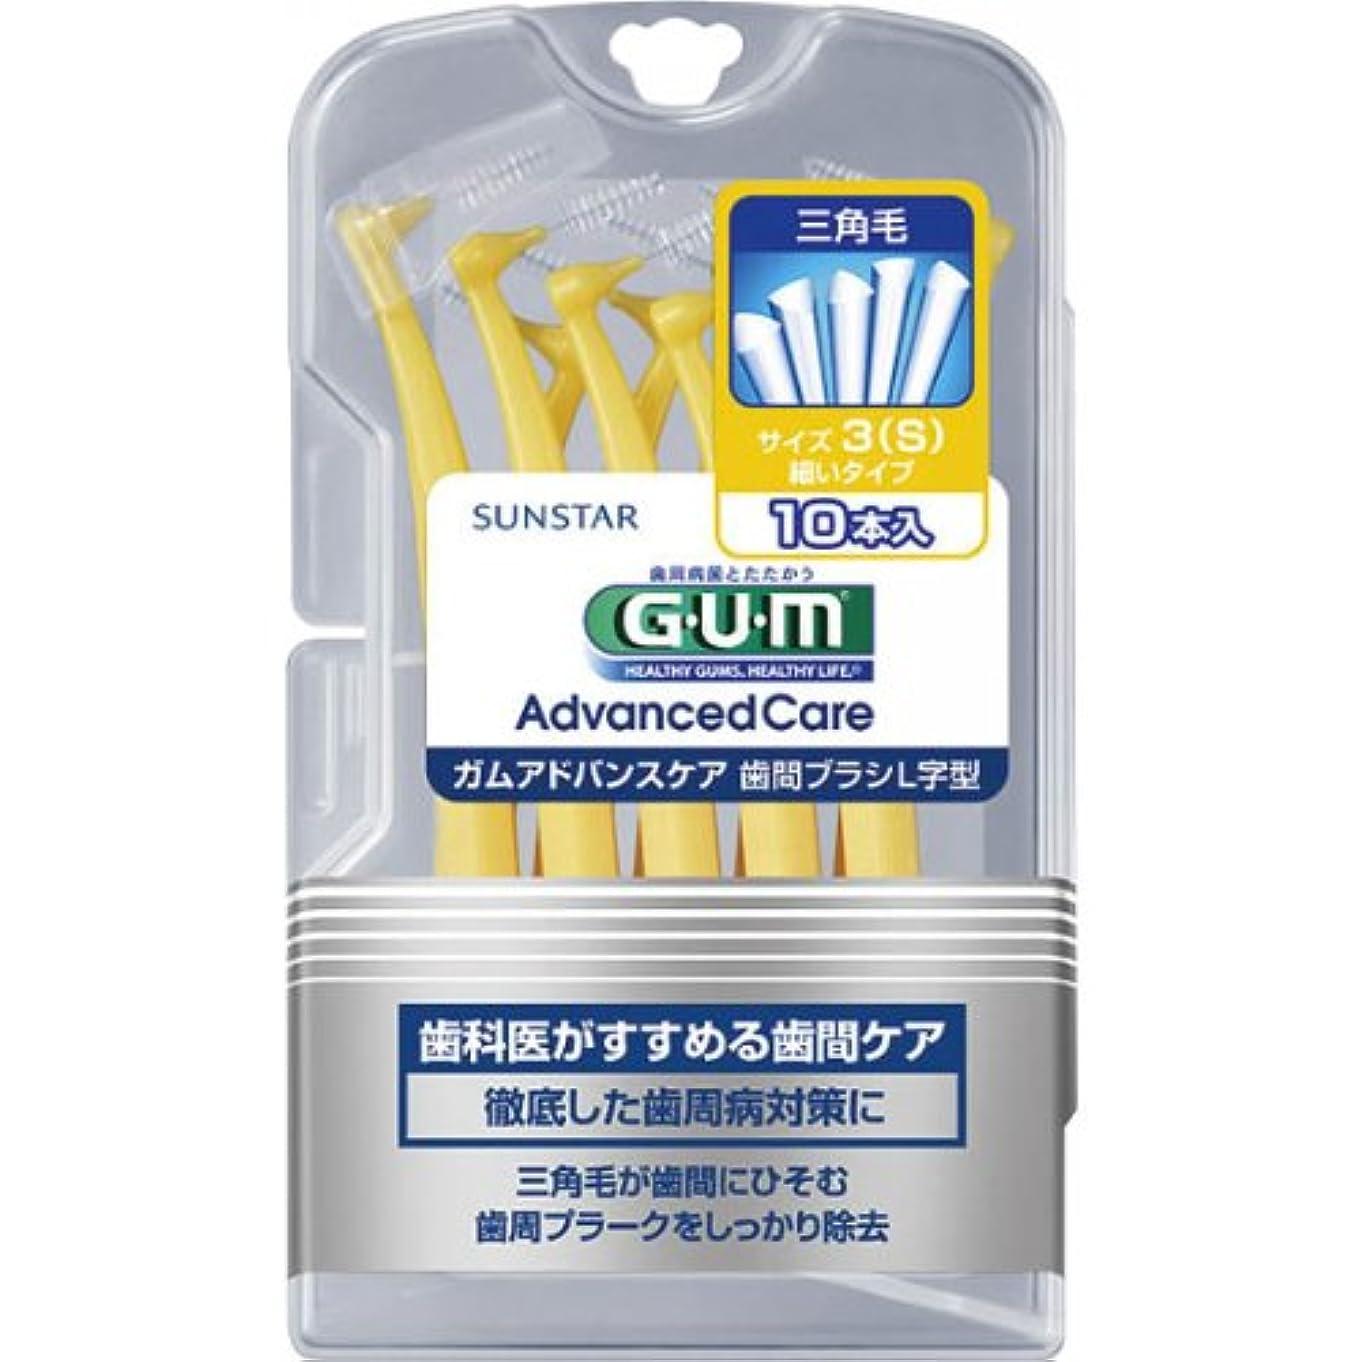 作り上げる印刷する落ち着いたガムアドバンスケア歯間ブラシL字型10Pサイズ3S【サンスター】